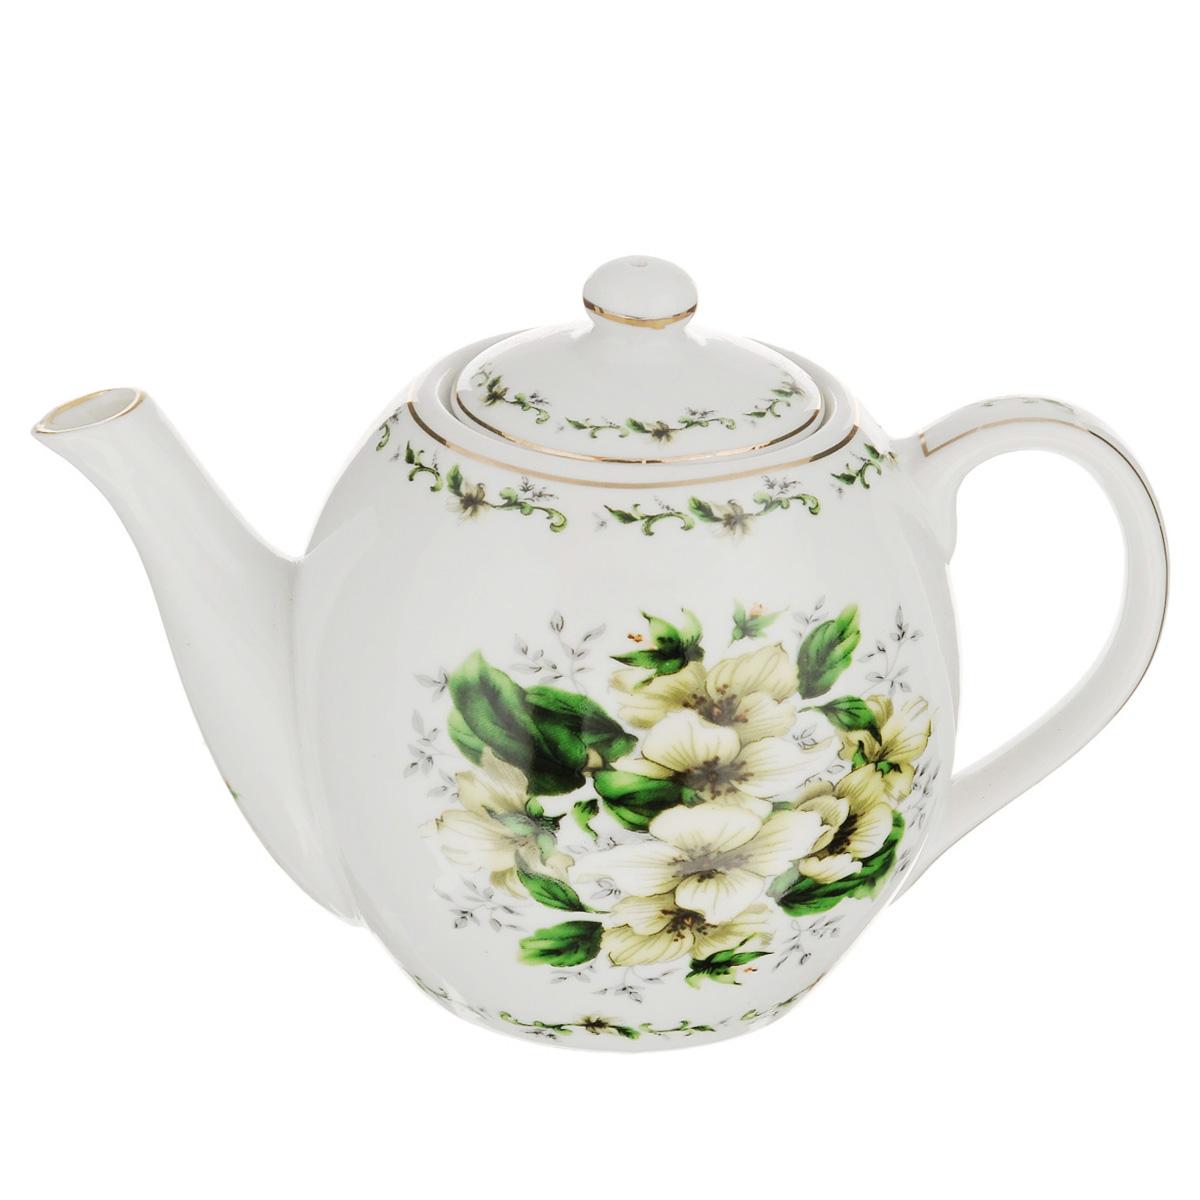 Чайник заварочный Briswild Цветочная грация, 470 мл115510Заварочный чайник Briswild Цветочная грация изготовлен из высококачественного фарфора и покрыт слоем сверкающей глазури. Посуда оформлена изысканным цветочным рисунком и эмалью золотистого цвета. Такой чайник прекрасно дополнит сервировку стола к чаепитию и станет его неизменным атрибутом. Не использовать в микроволновой печи. Объем: 470 мл. Диаметр (по верхнему краю): 6 см. Высота стенки (без учета крышки): 9 см.